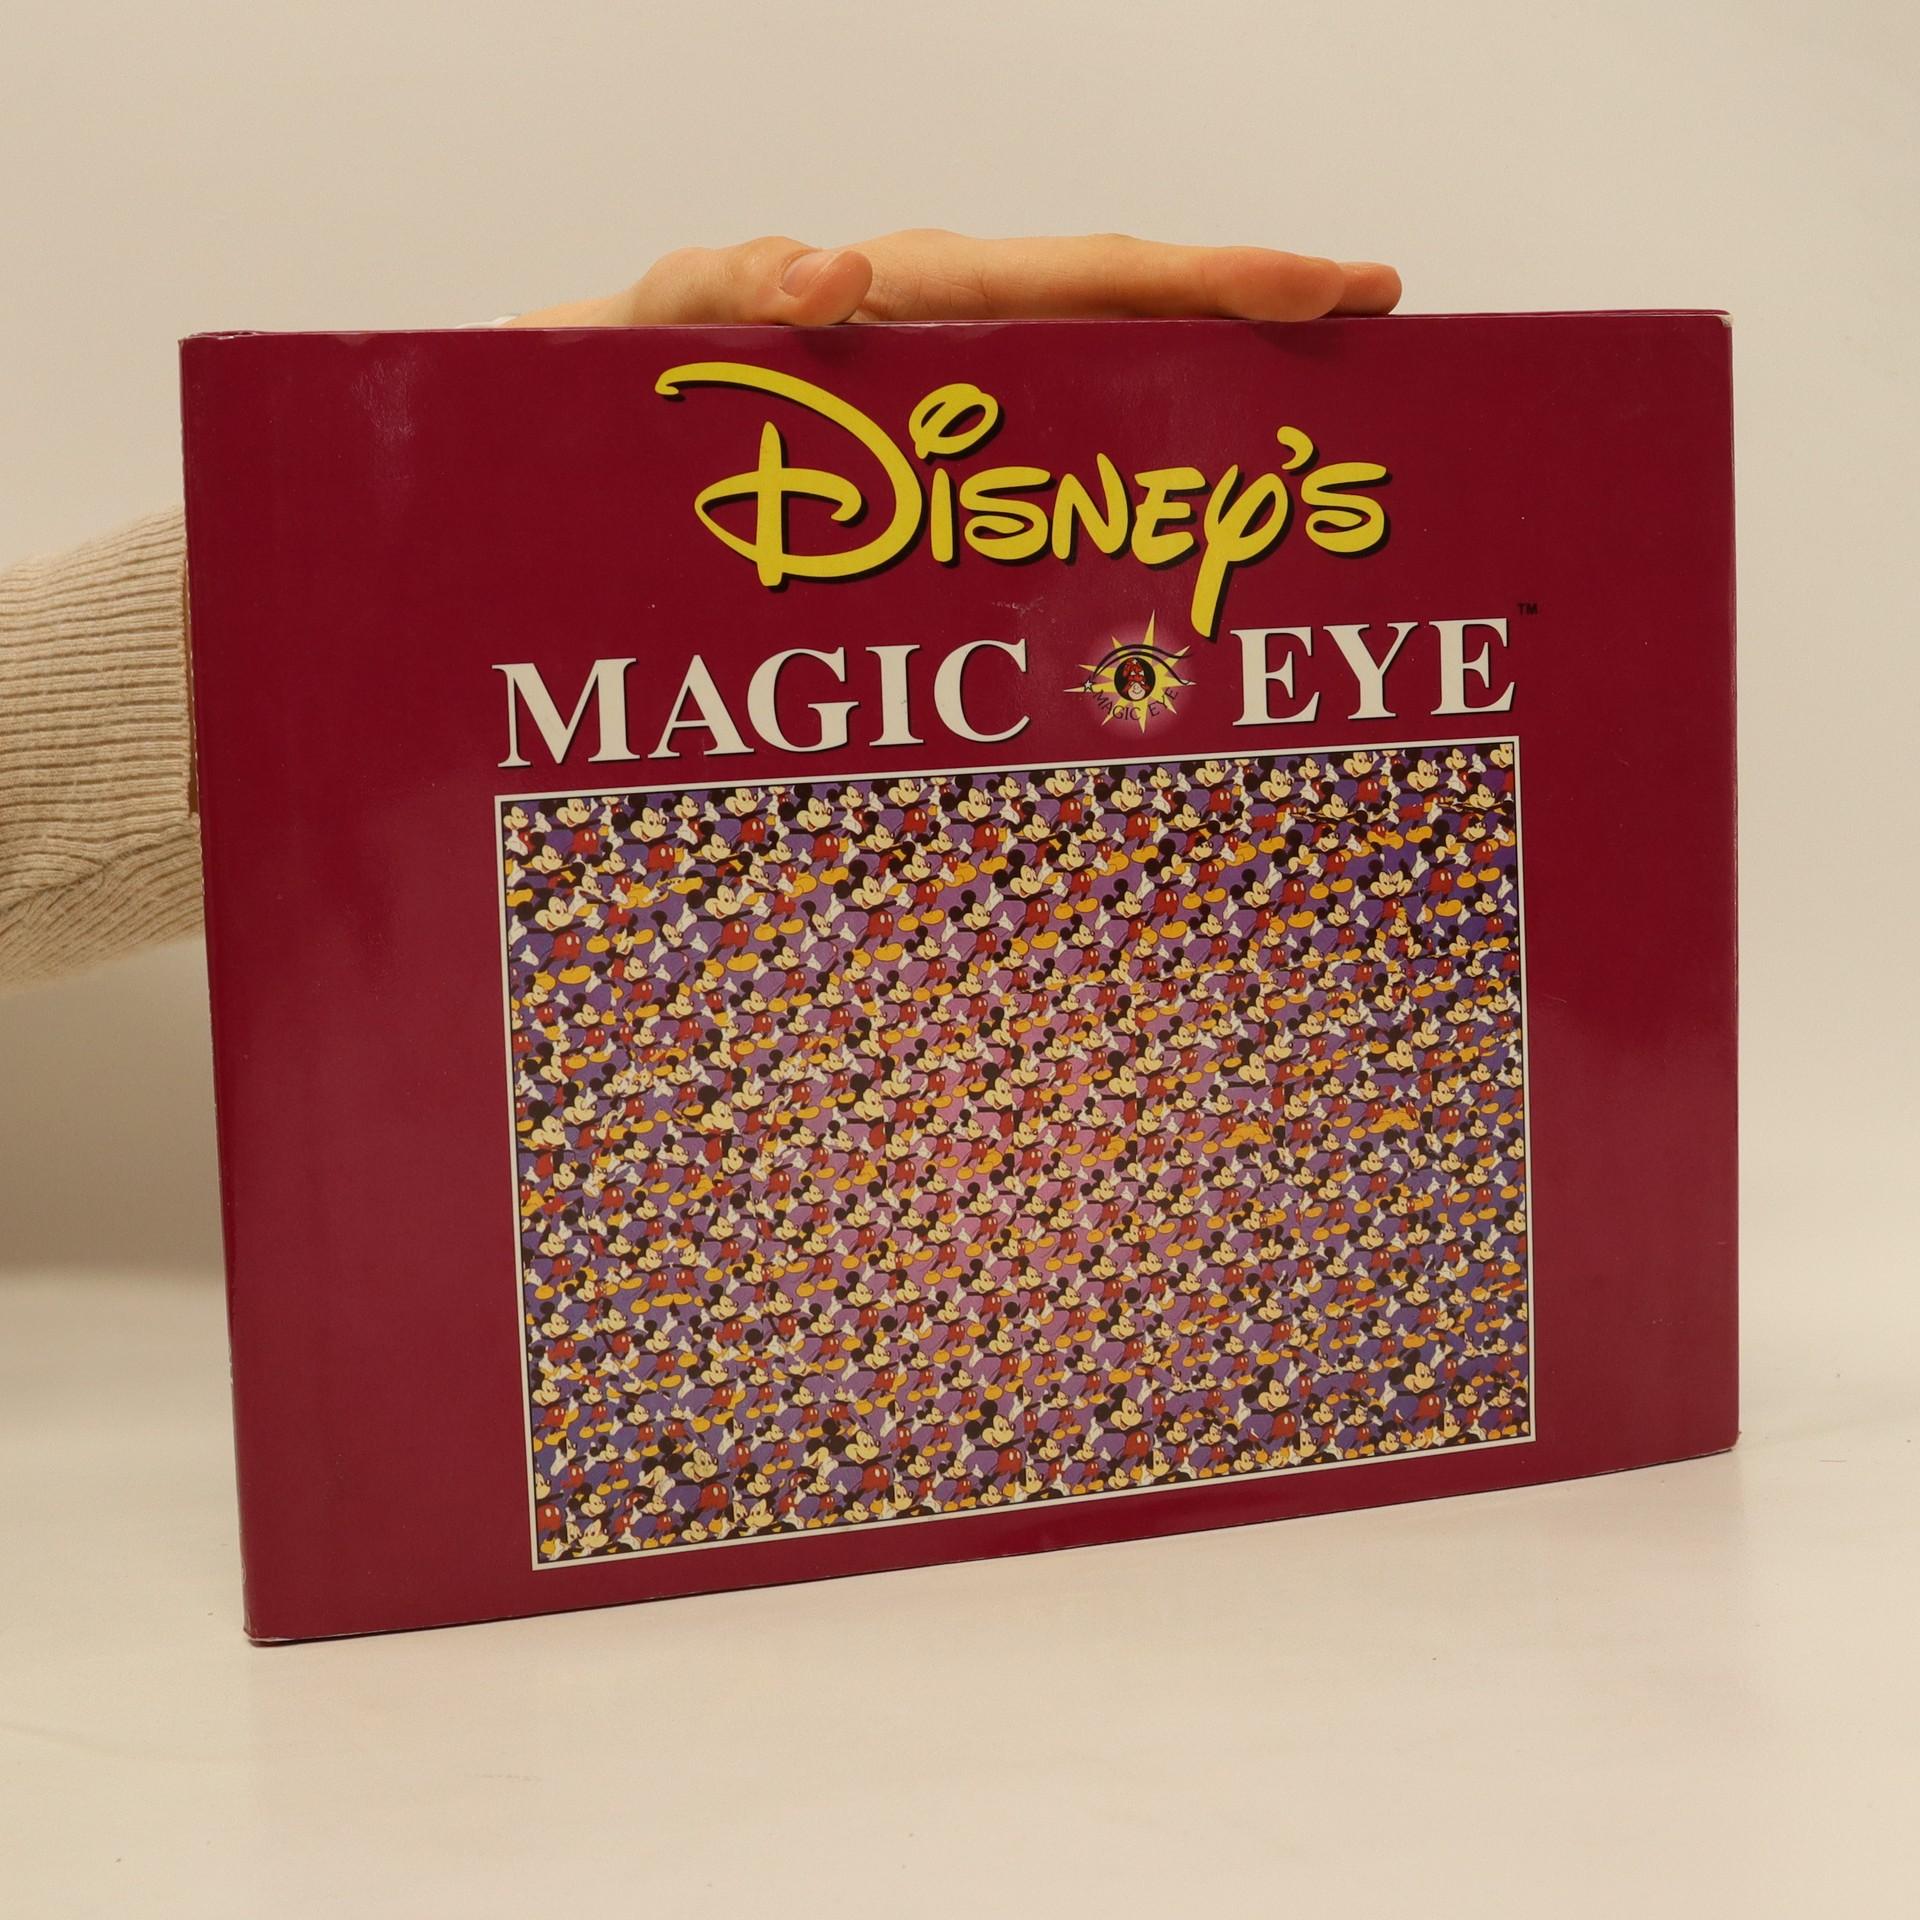 antikvární kniha Disney's Magic Eye. 3D Illusions, neuveden